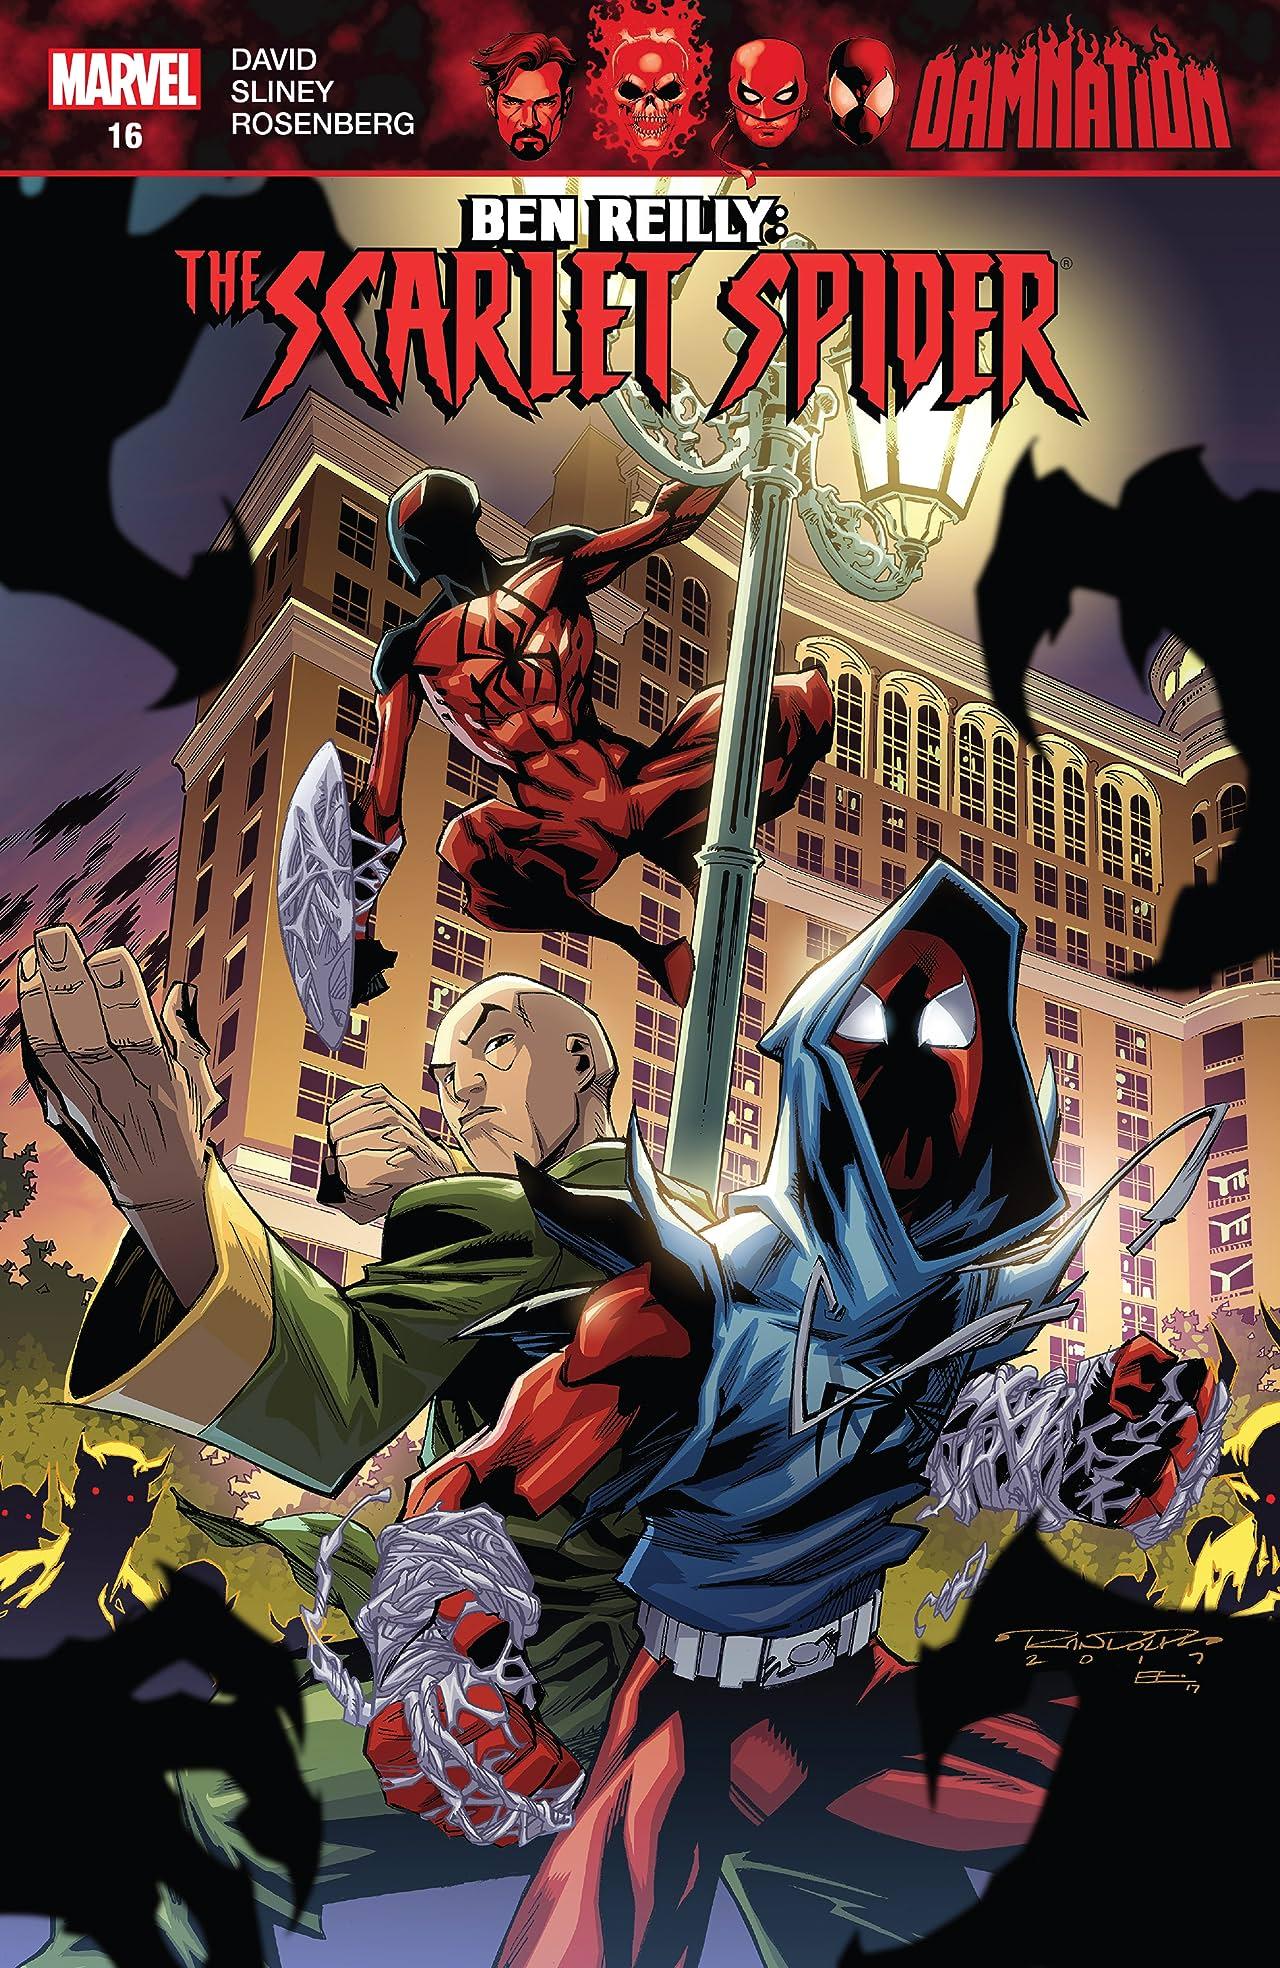 Ben Reilly: Scarlet Spider (2017-2018) #16